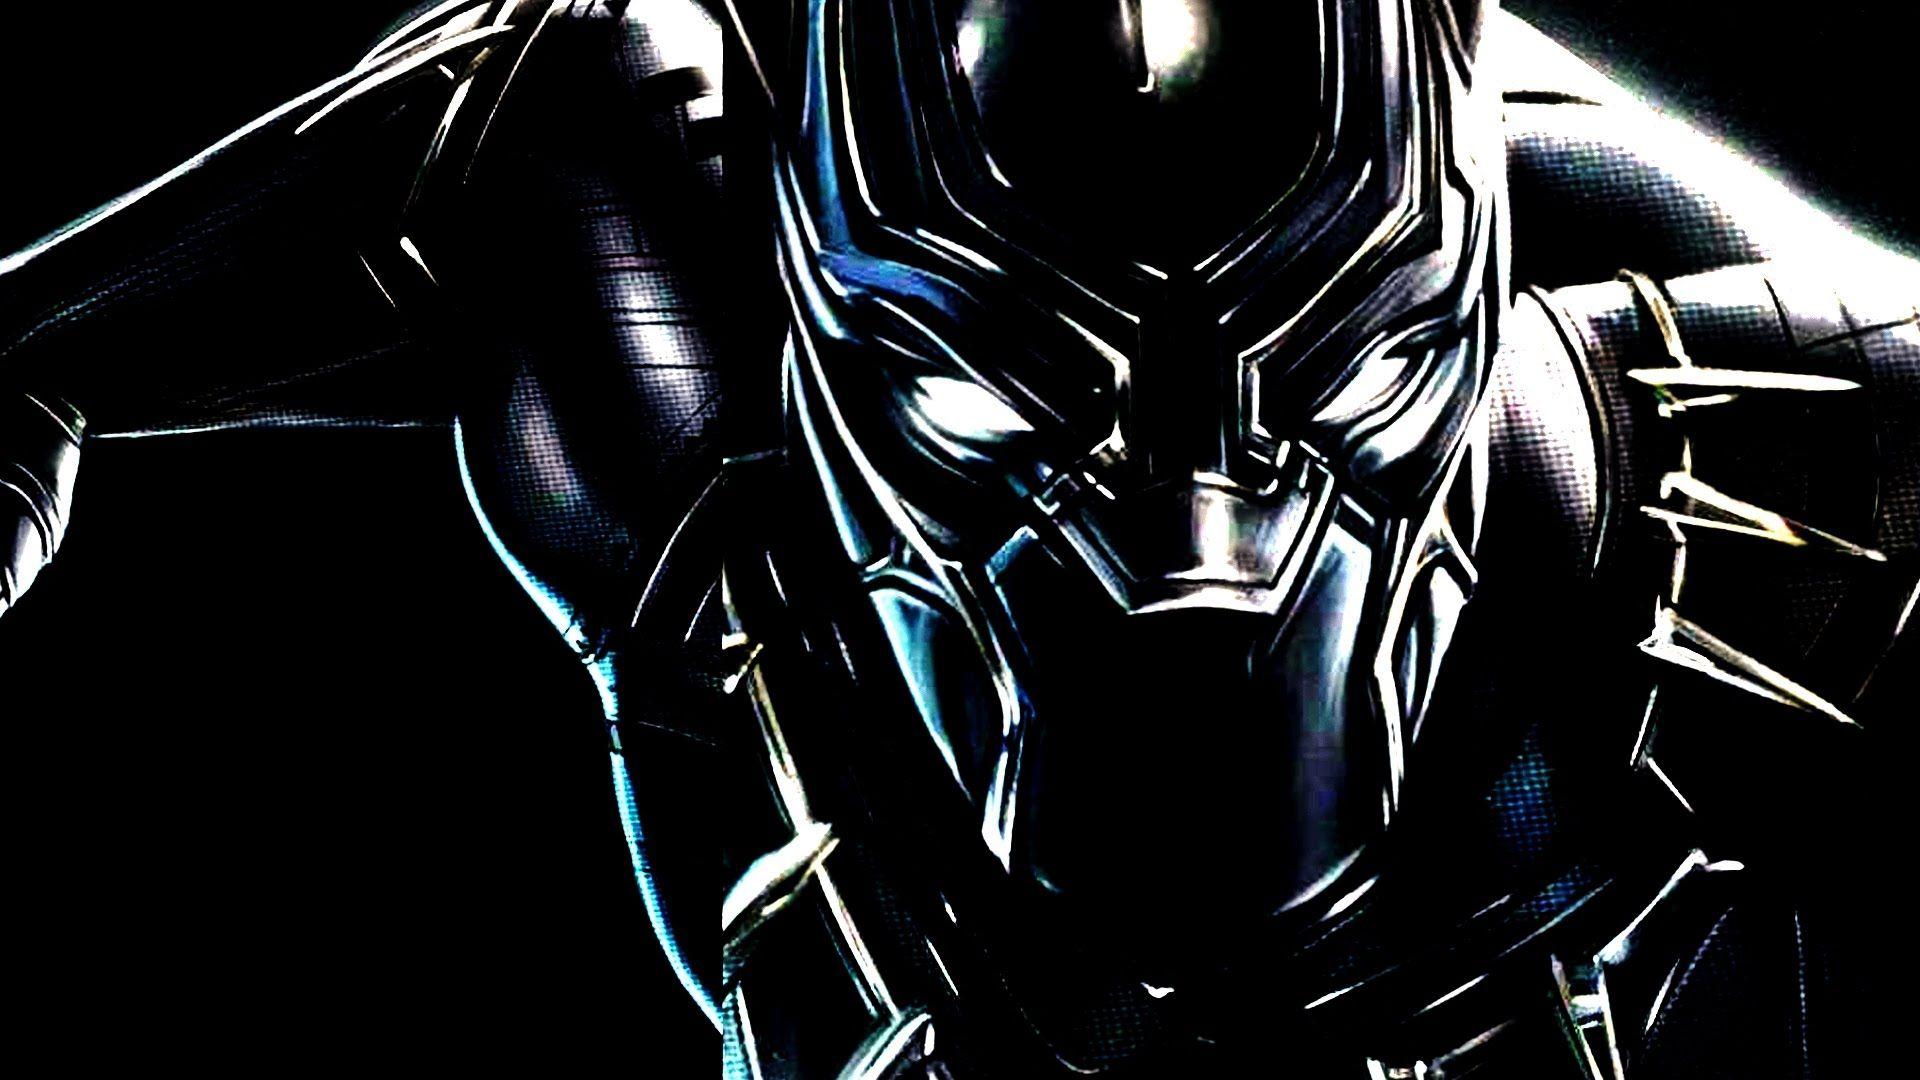 2048x1152 black panther wallpaper Google Search Comics